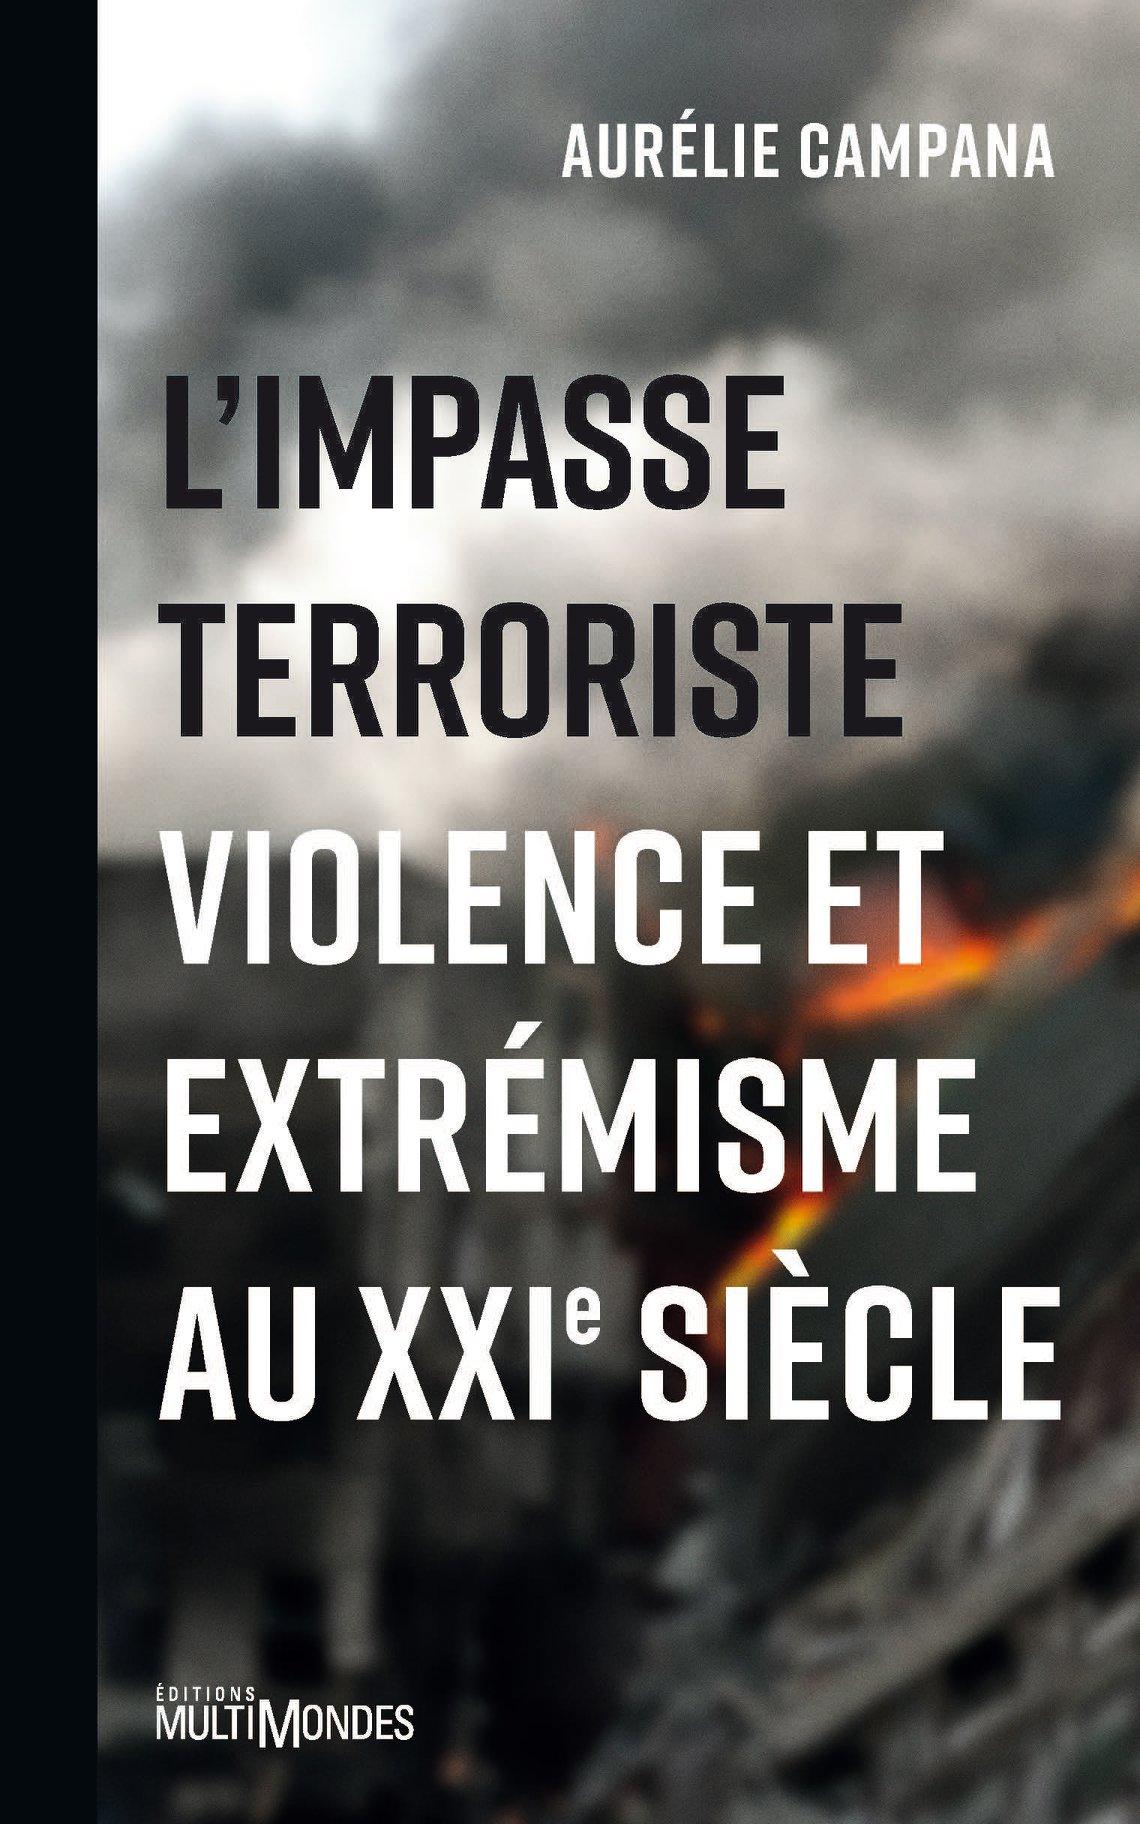 L'impasse terroriste, violence et extrémisme au XXIesiècle